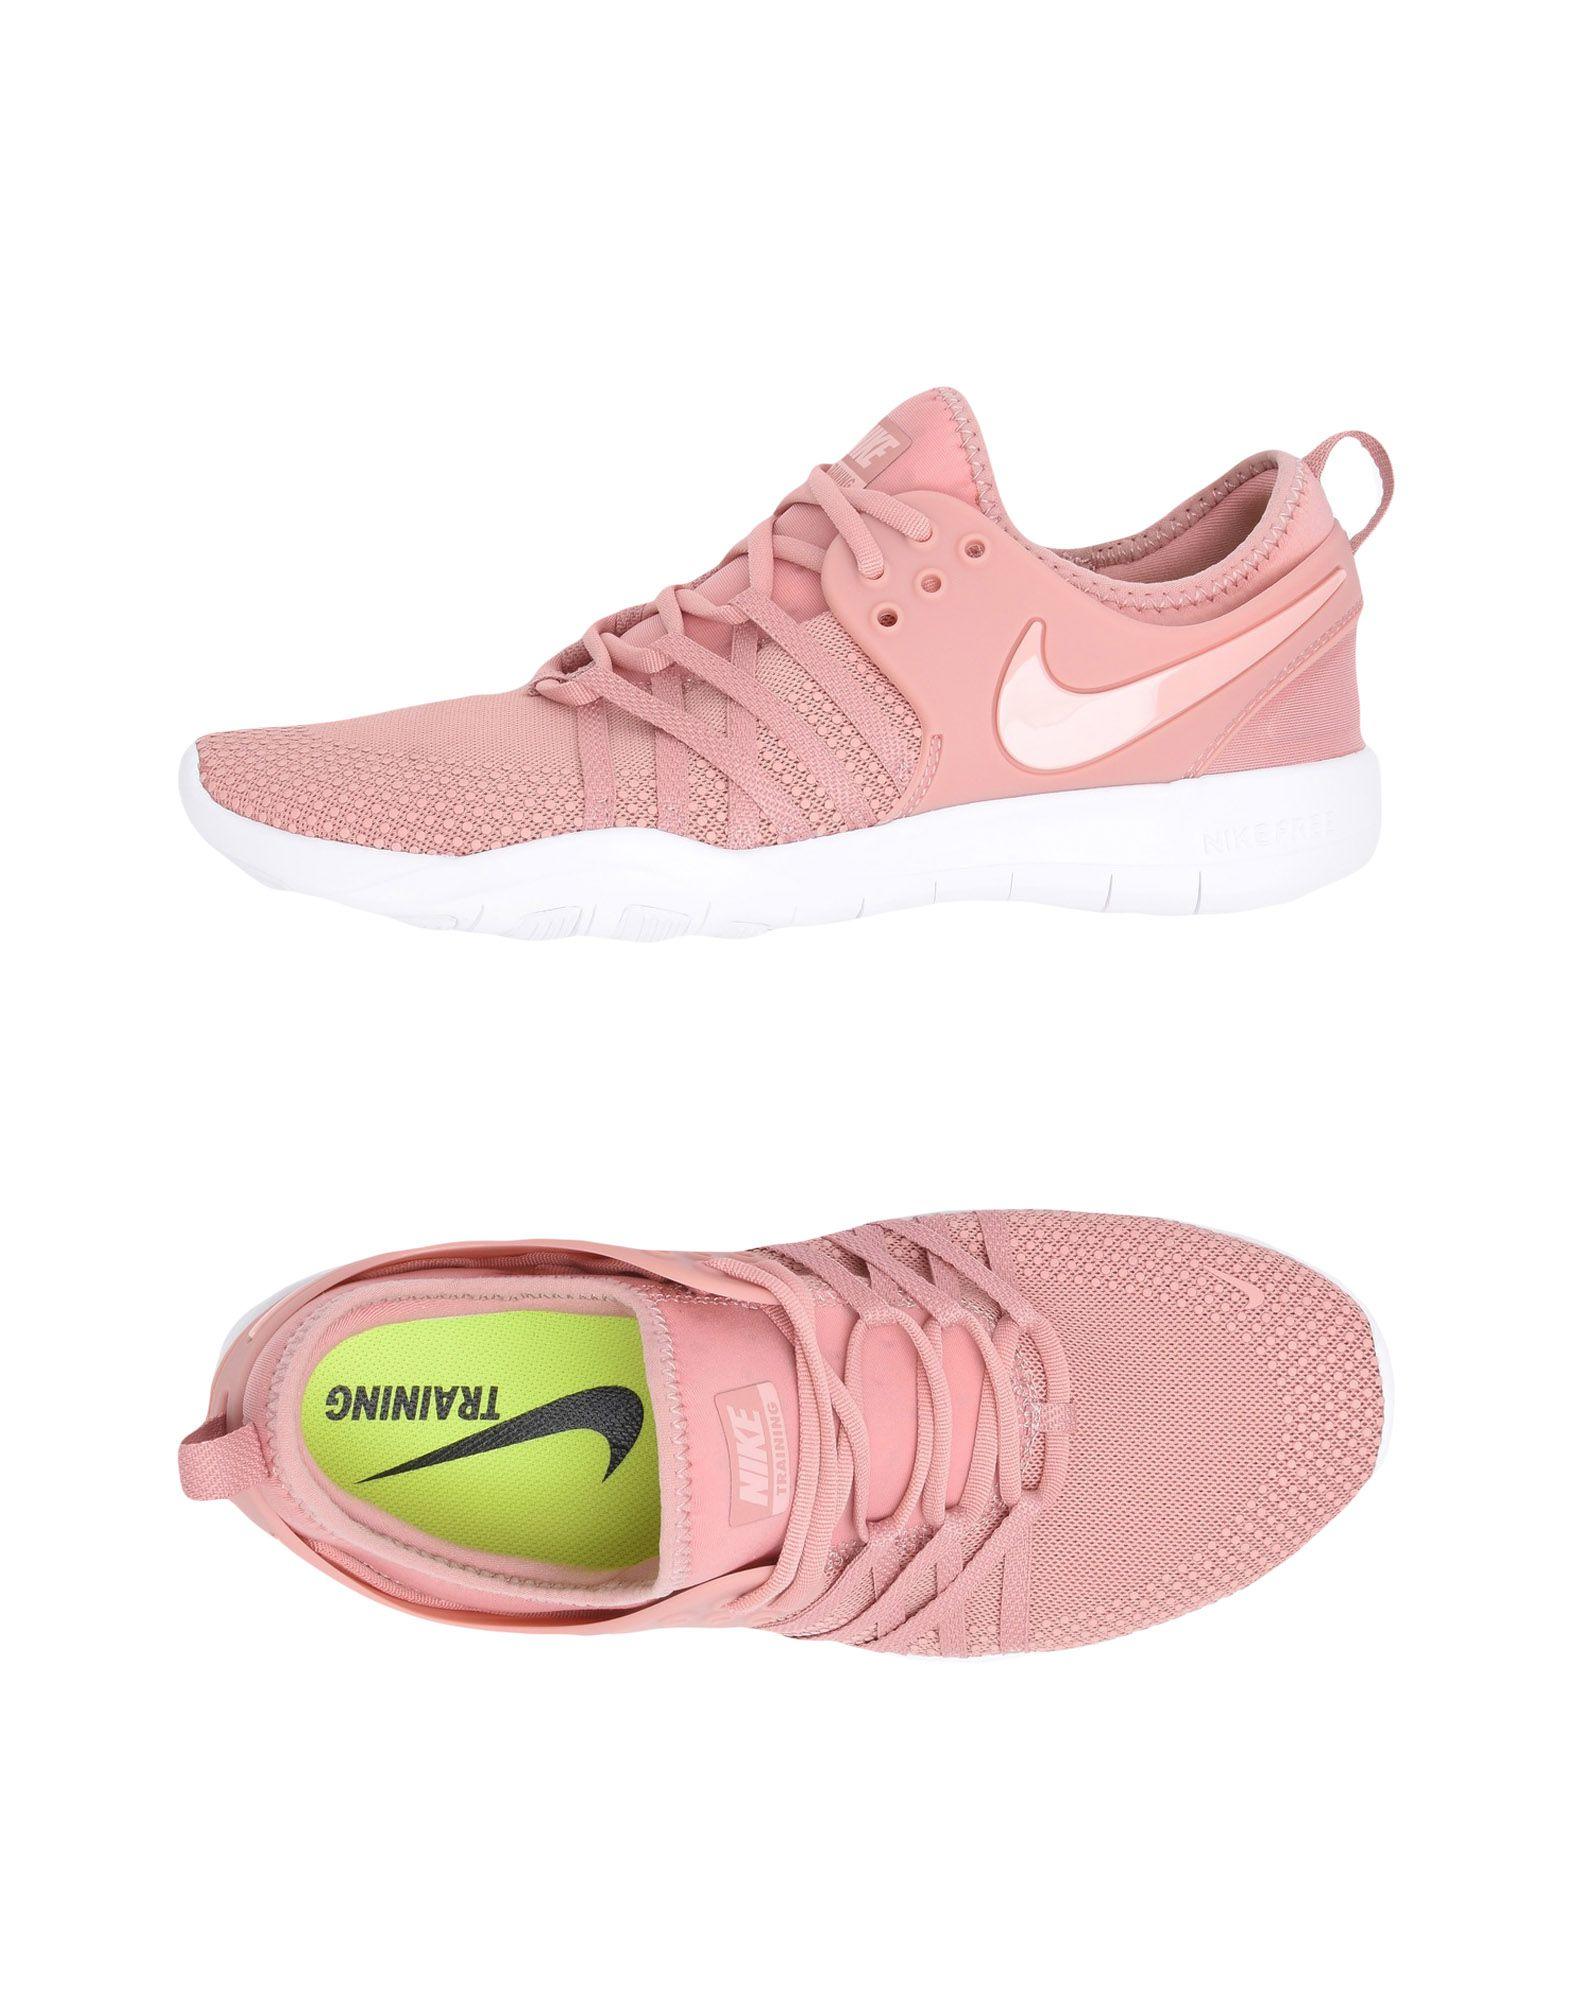 Nike   Free Tr 7  11441019OL Gute Qualität beliebte Schuhe